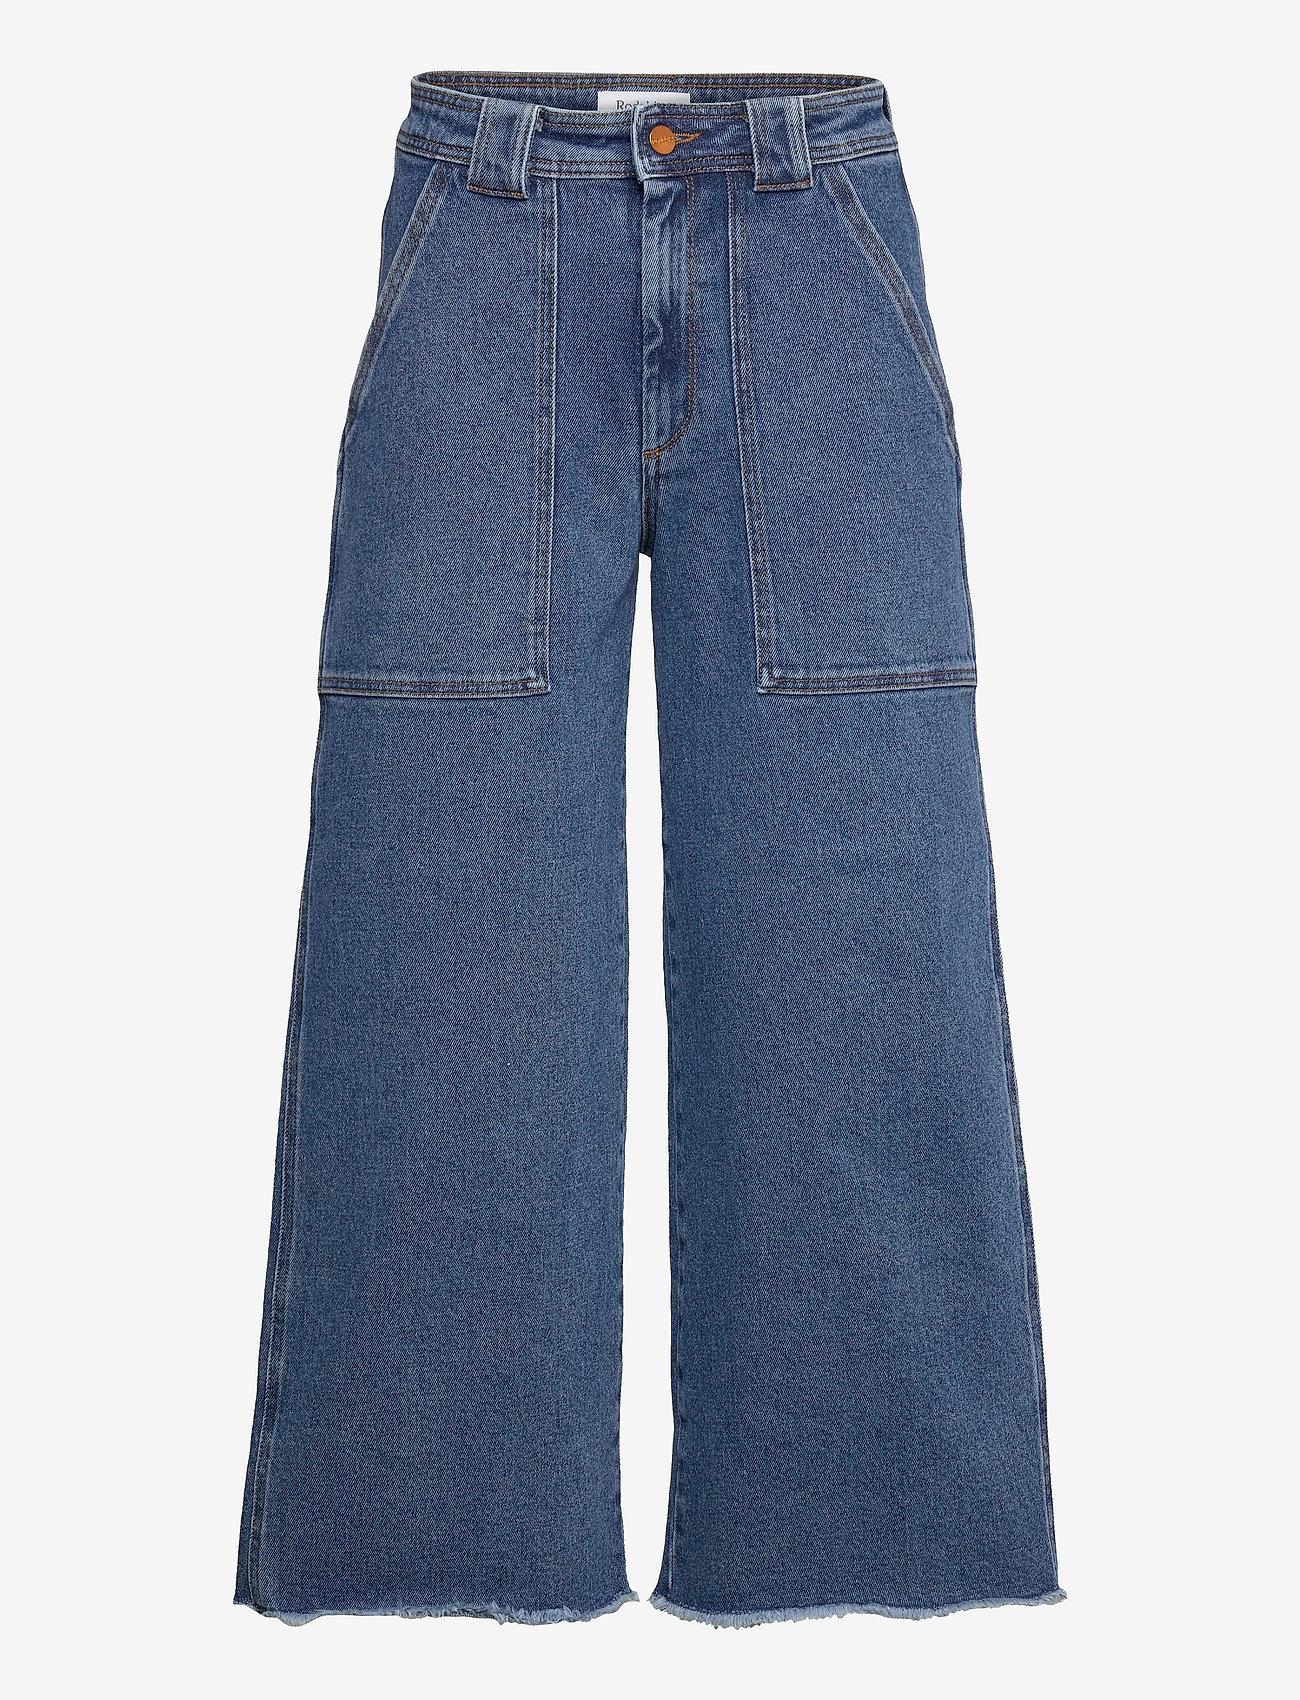 RODEBJER - RODEBJER MIRARI DENIM - brede jeans - vintage blue - 0